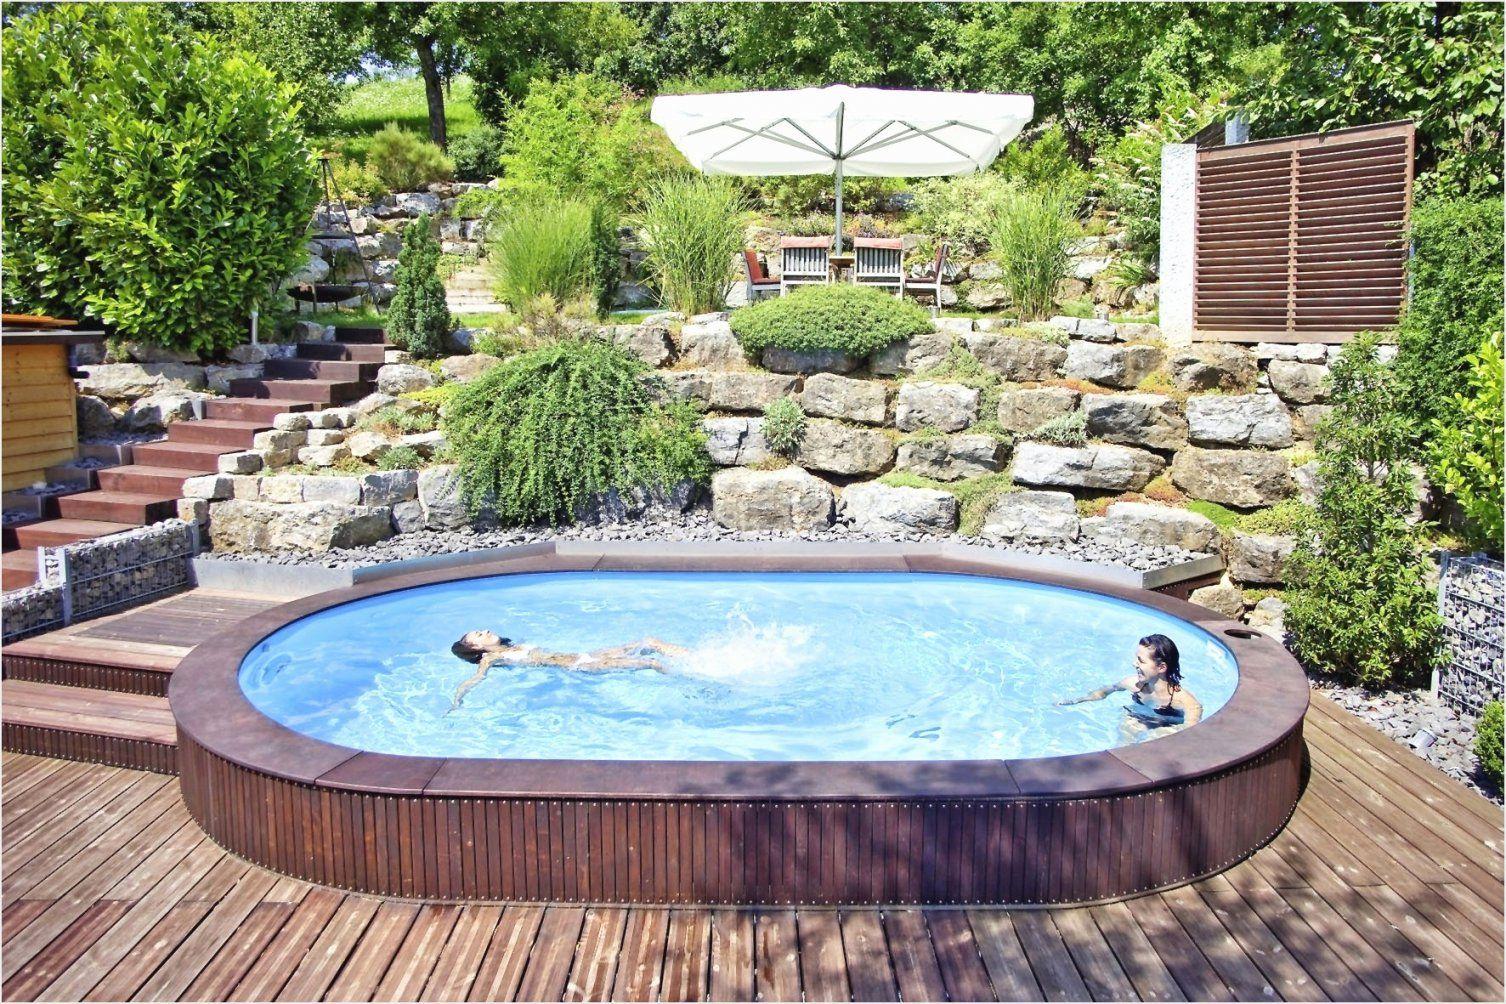 Pool Im Garten Integrieren Pool Im Garten Integrieren Haus Ideen von Pool Im Garten Integrieren Bild